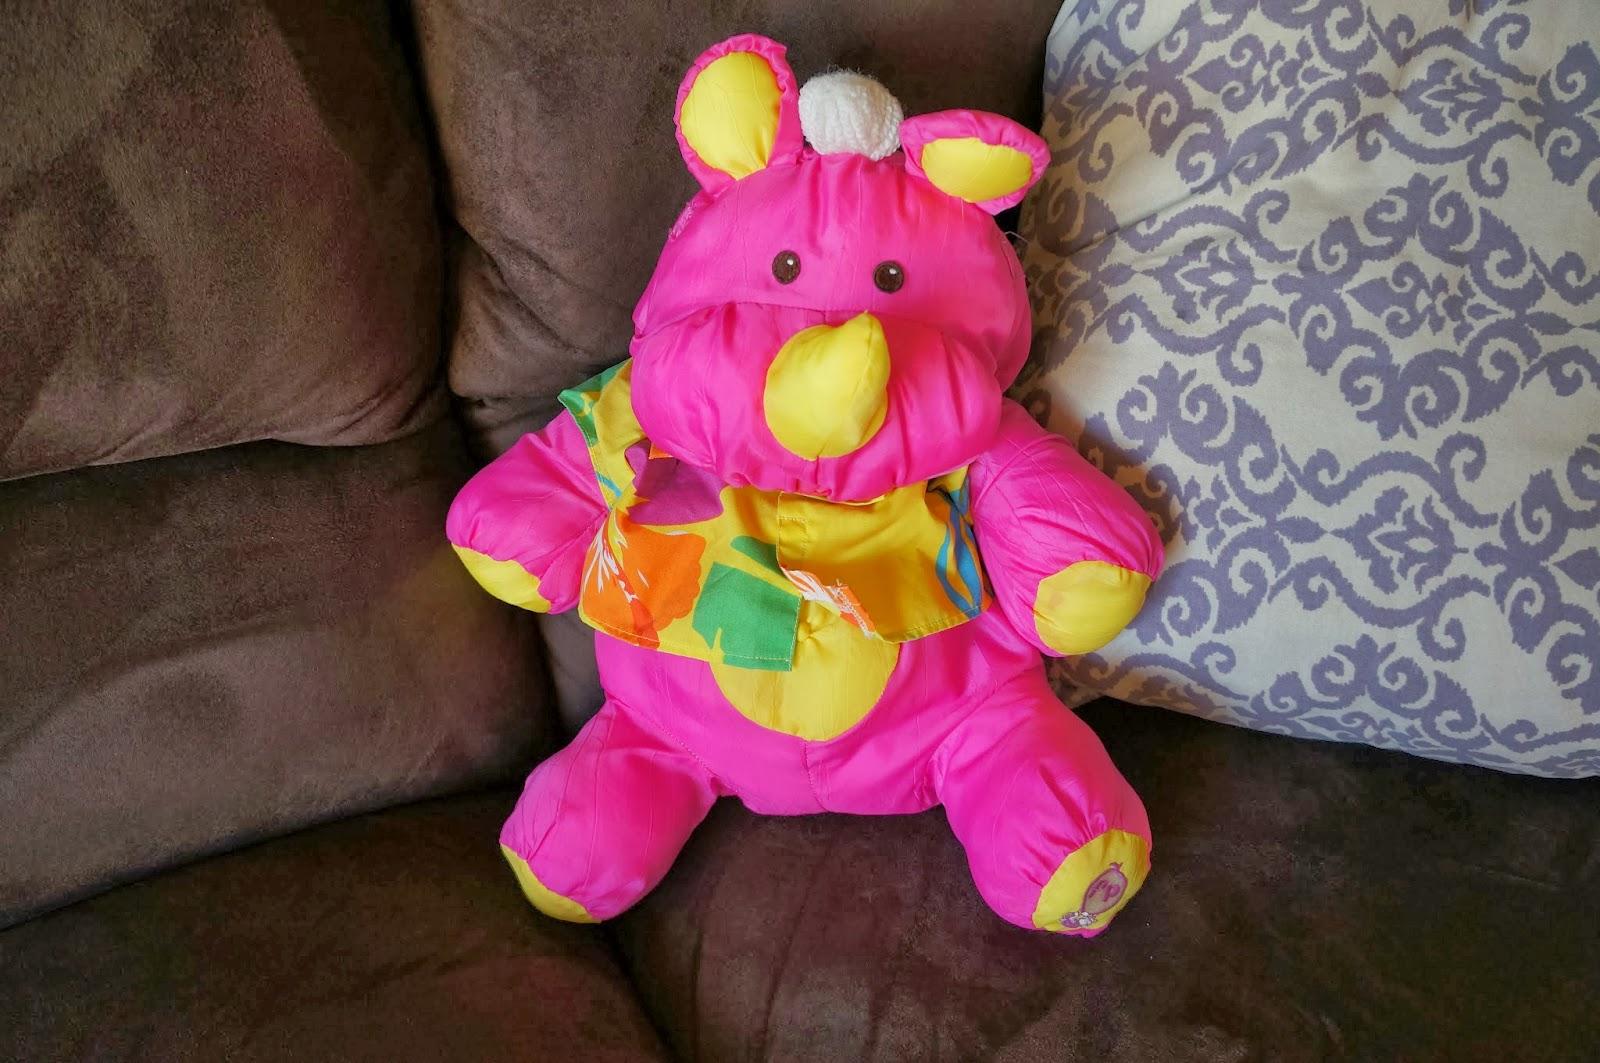 Vintage Toys 1- rhino